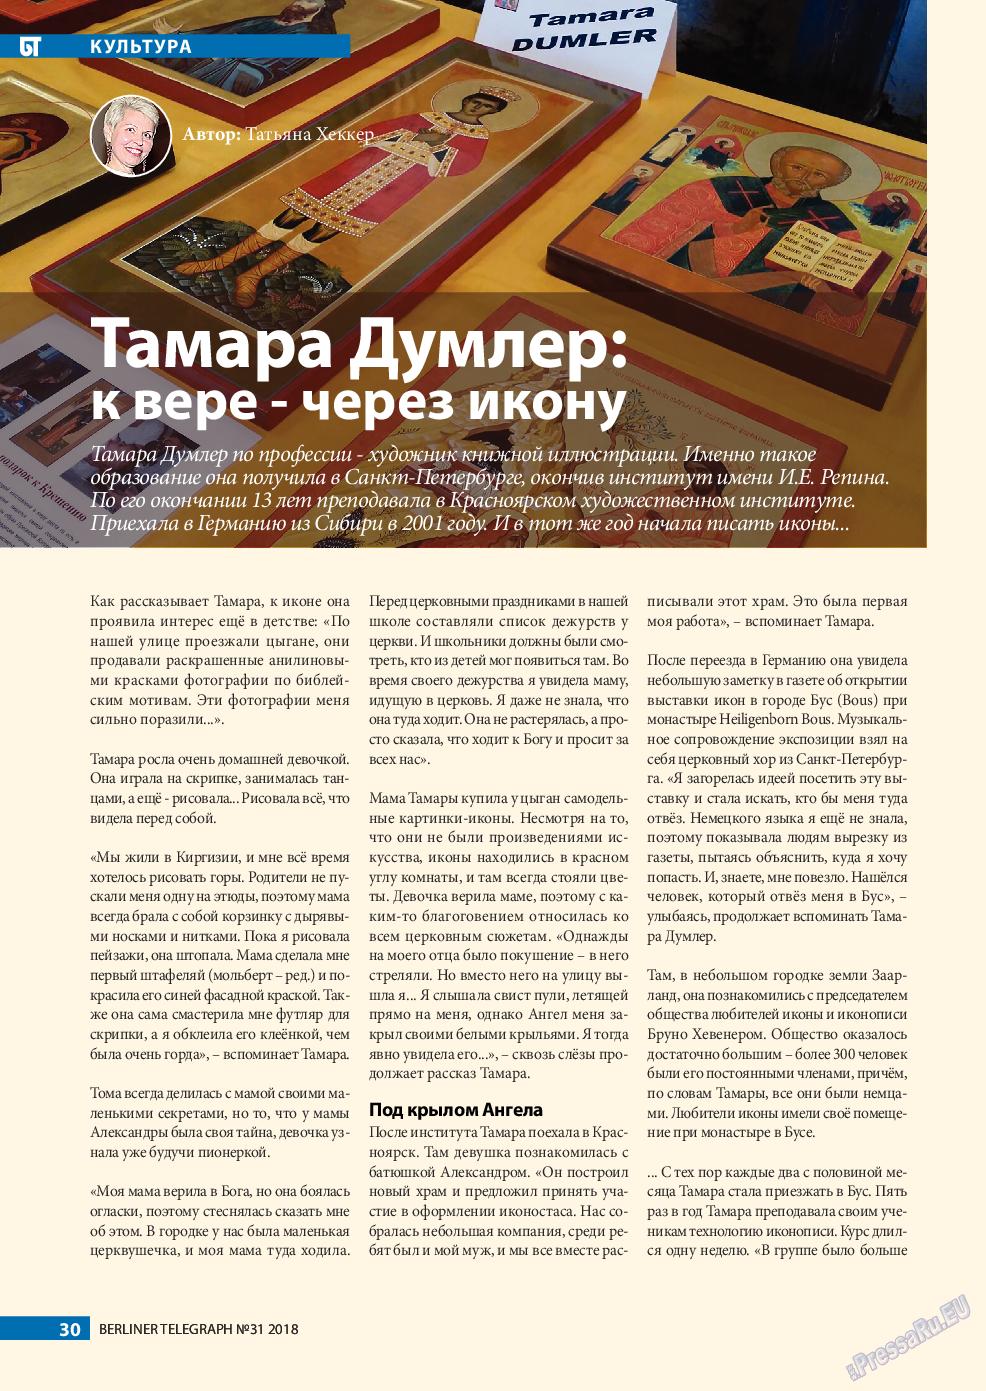 Берлинский телеграф (журнал). 2018 год, номер 31, стр. 30